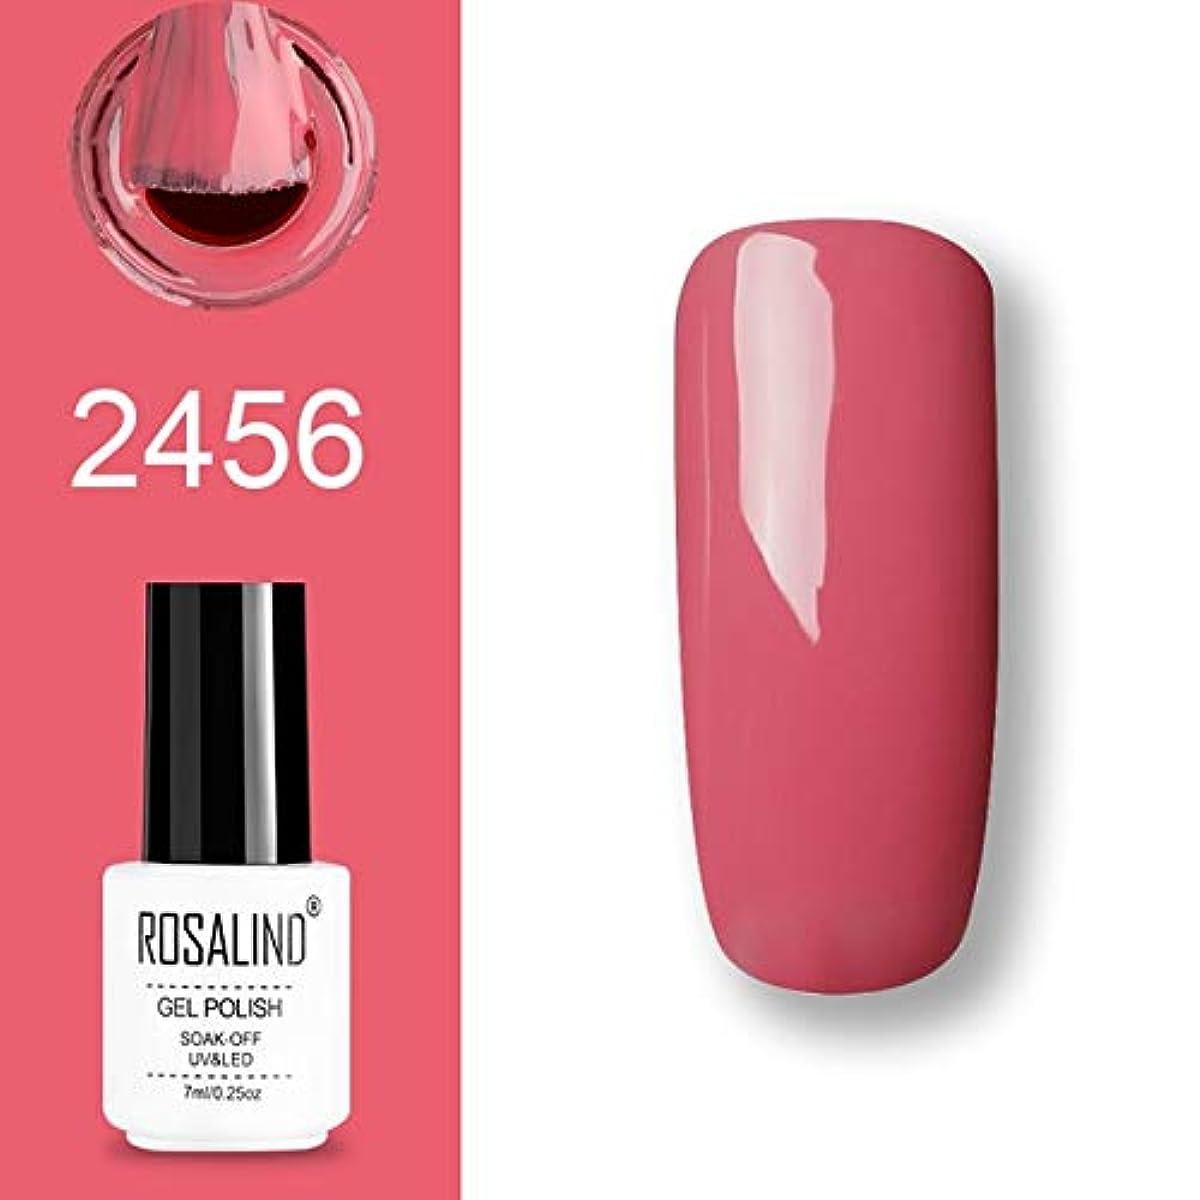 ファッションアイテム ROSALINDジェルポリッシュセットUVセミパーマネントプライマートップコートポリジェルニスネイルアートマニキュアジェル、ライトレッド、容量:7ml 2456。 環境に優しいマニキュア